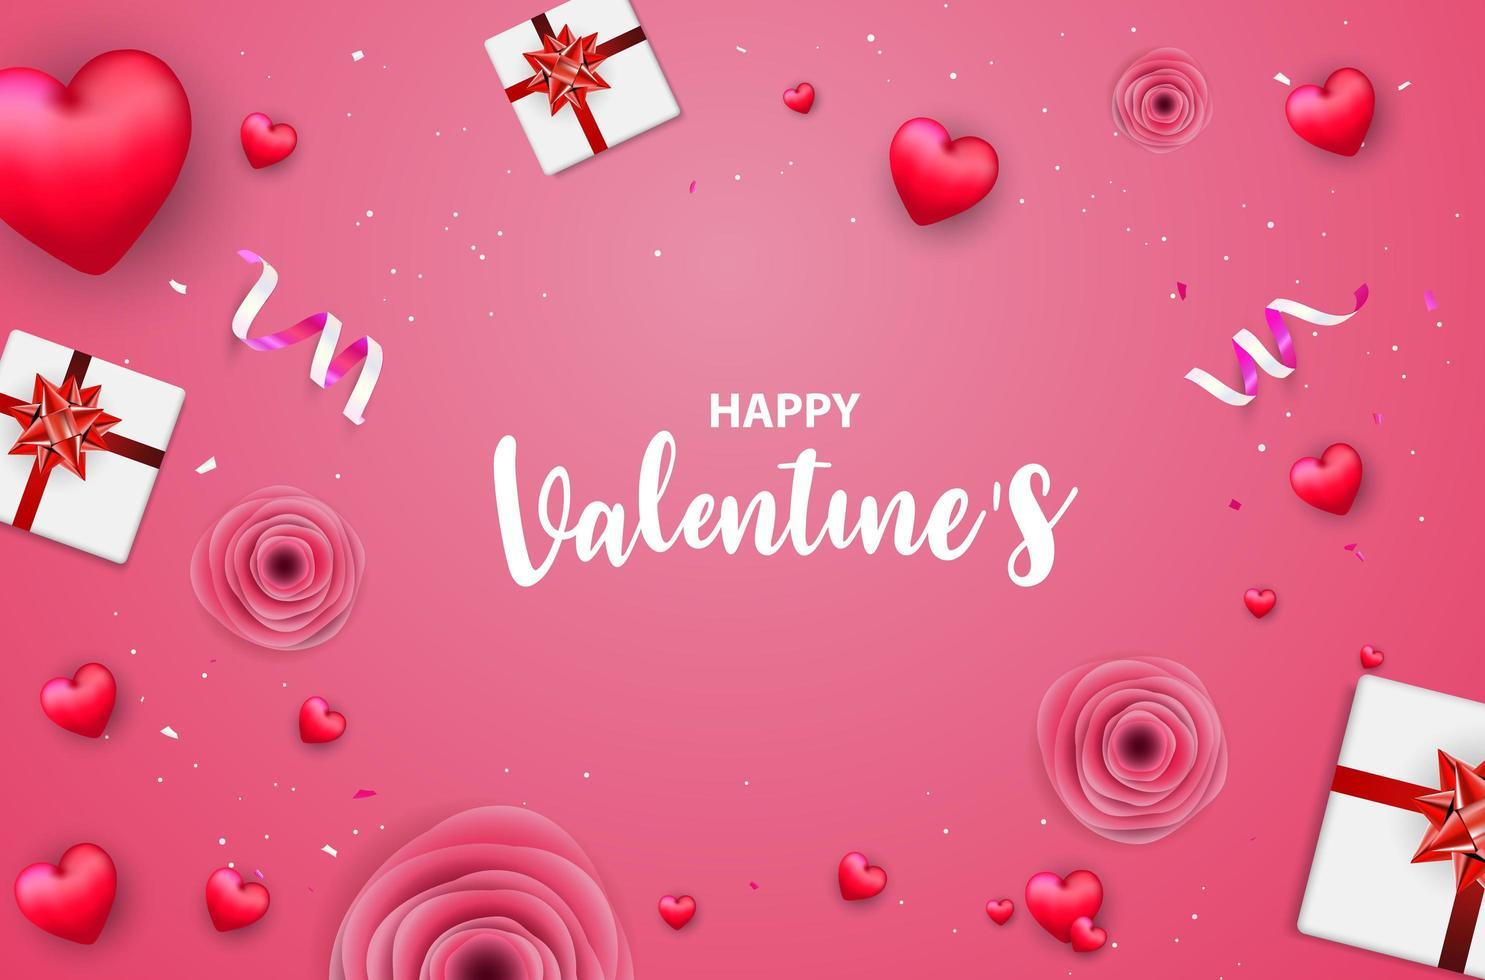 Rosa Valentinstagfahne mit roten Herzen, Rosen, Geschenkboxen und Konfettis vektor